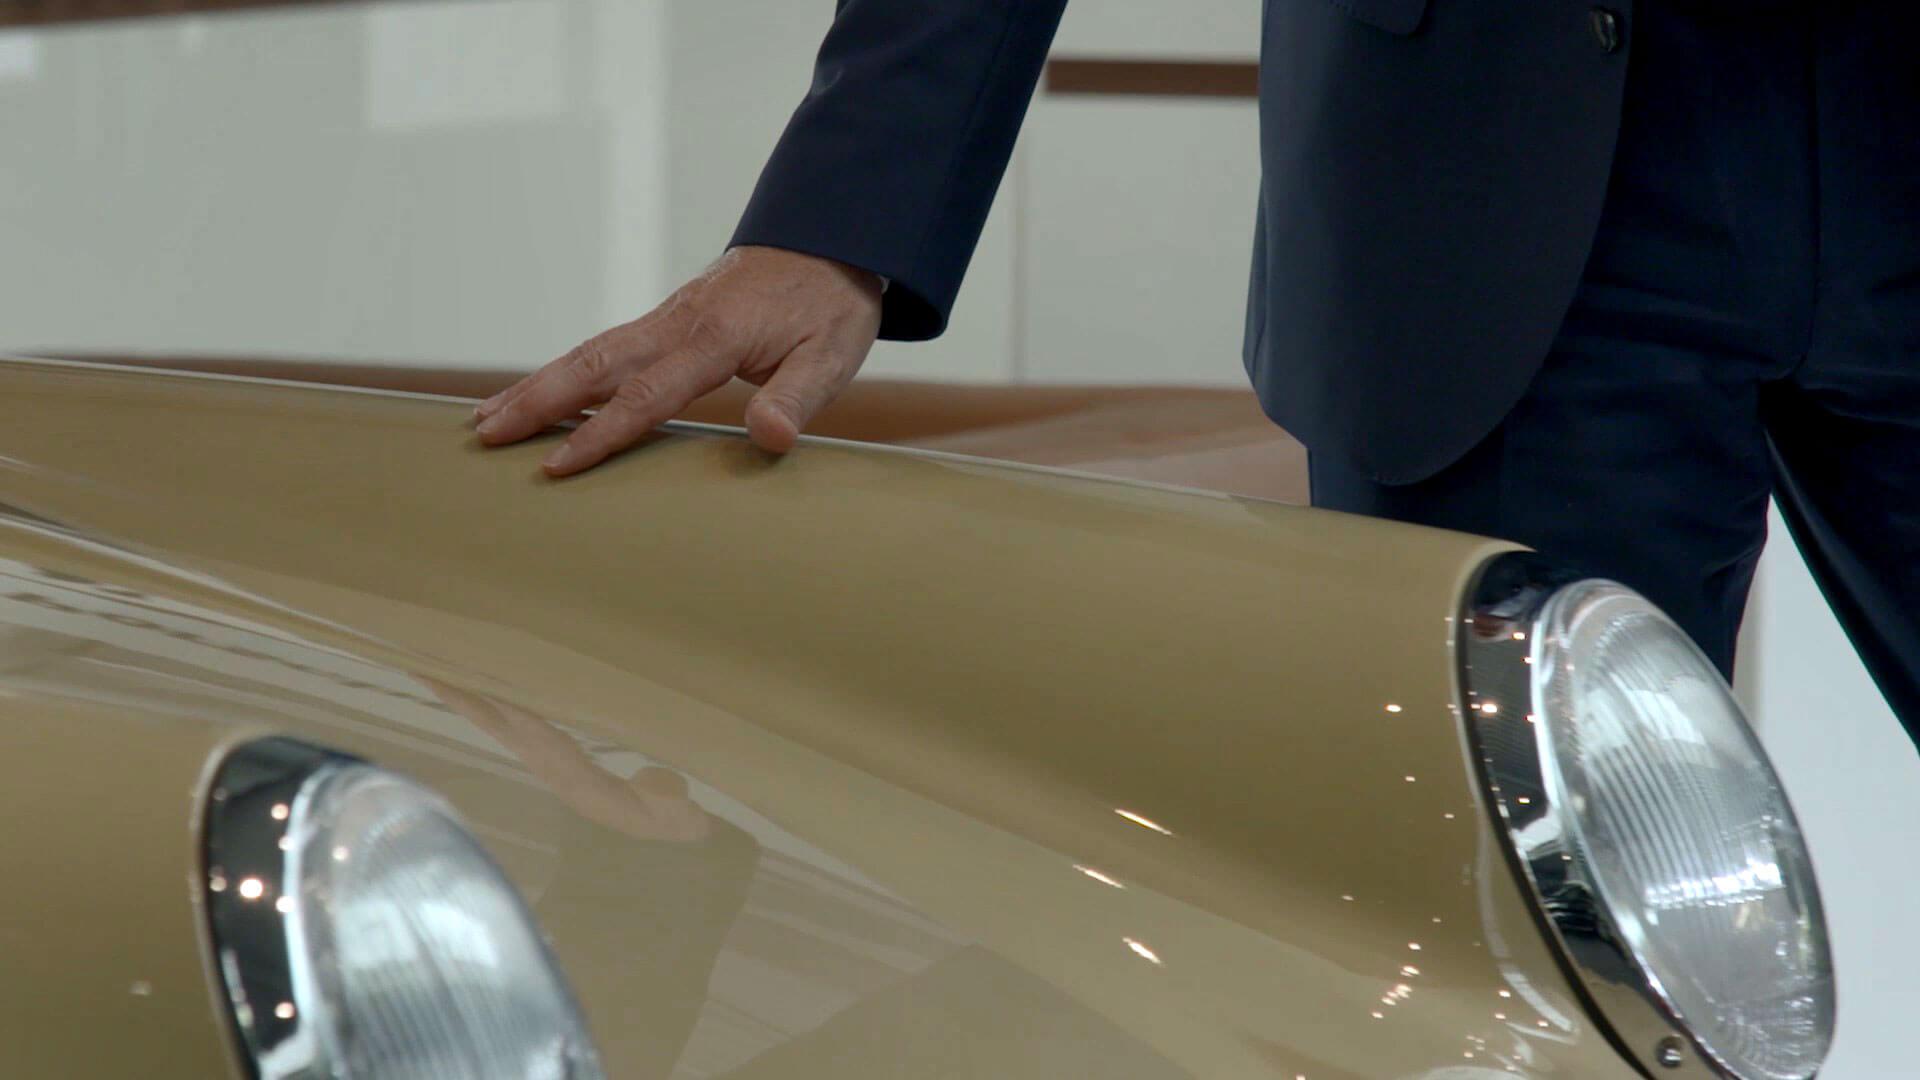 POLYCHROM erstellt schon seit Jahren erfolgreich Imagefilme und Werbefilme – wie beispielsweise für unseren Kunden: das Porschezentrum der Hahn Gruppe.